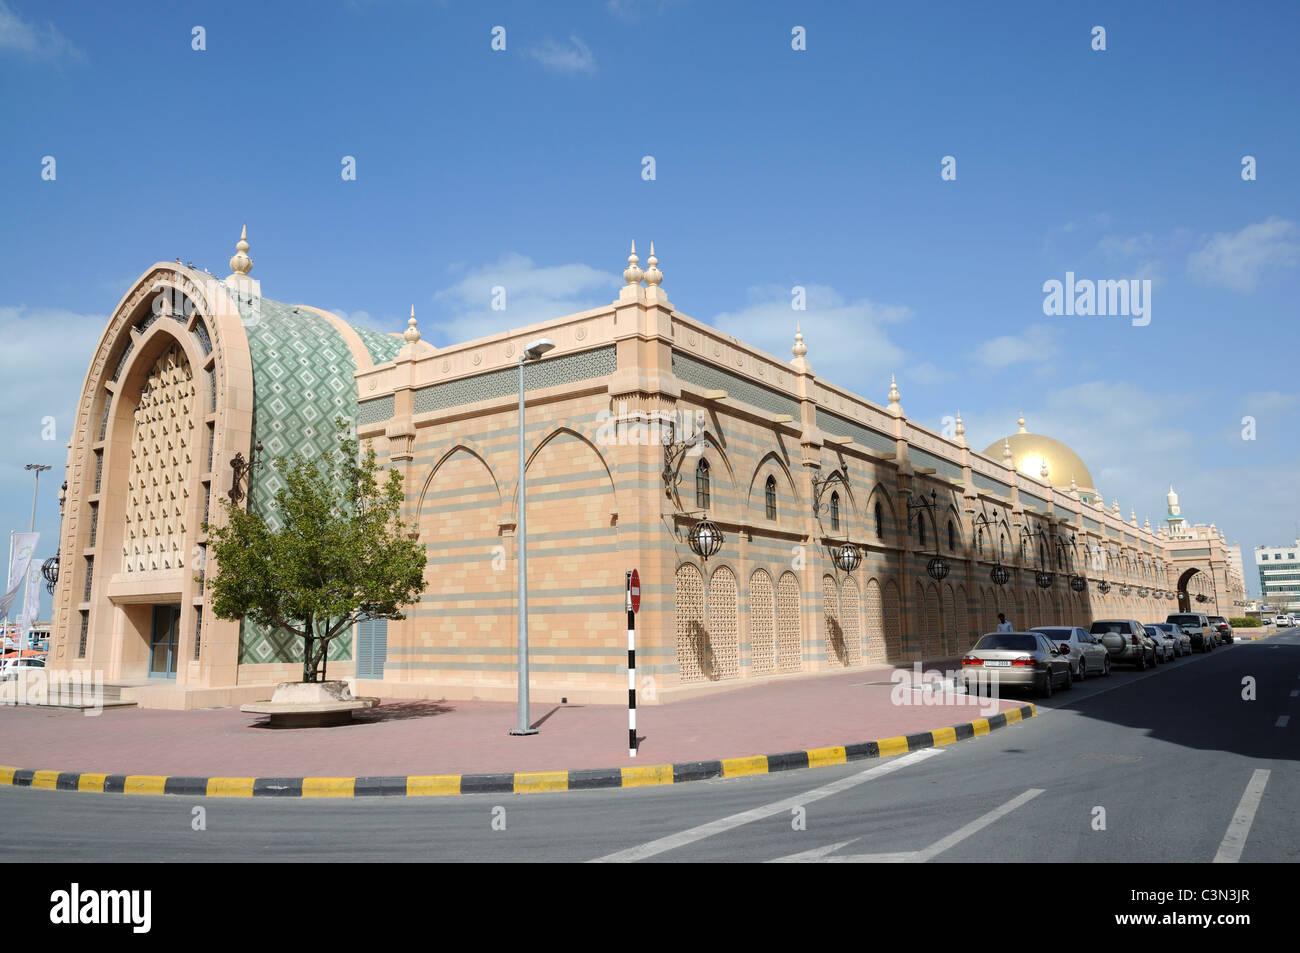 Museo della civiltà islamica nella città di Sharjah Emirati Arabi Uniti Immagini Stock